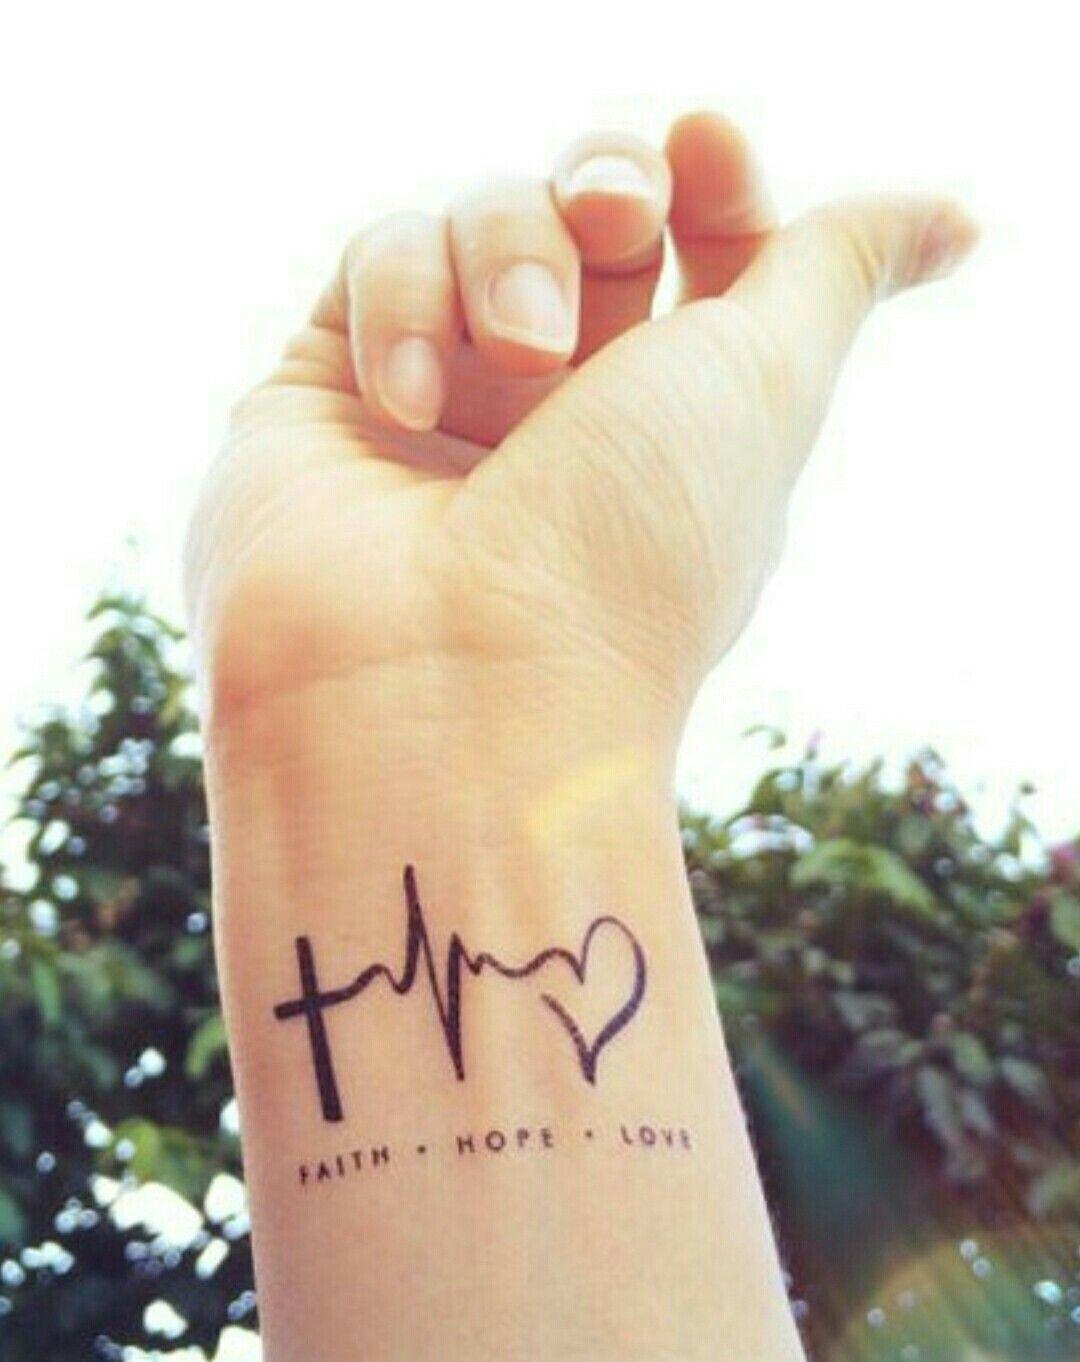 Tattoo Fe Esperanza Amor Its All About Me Tattoos Wrist